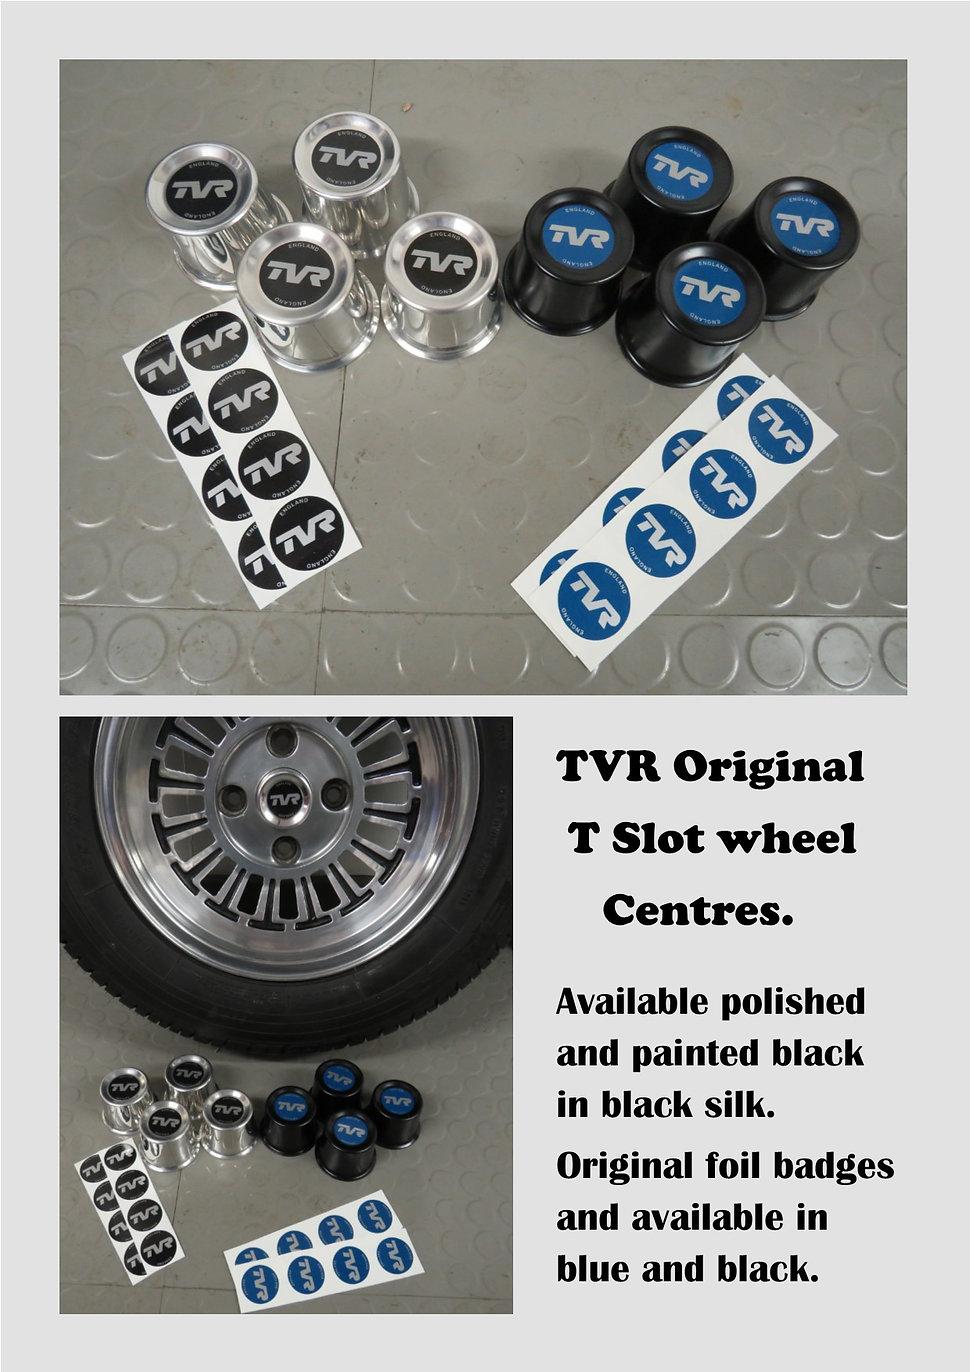 T Slot Wheel Centres Webb site 1.jpg